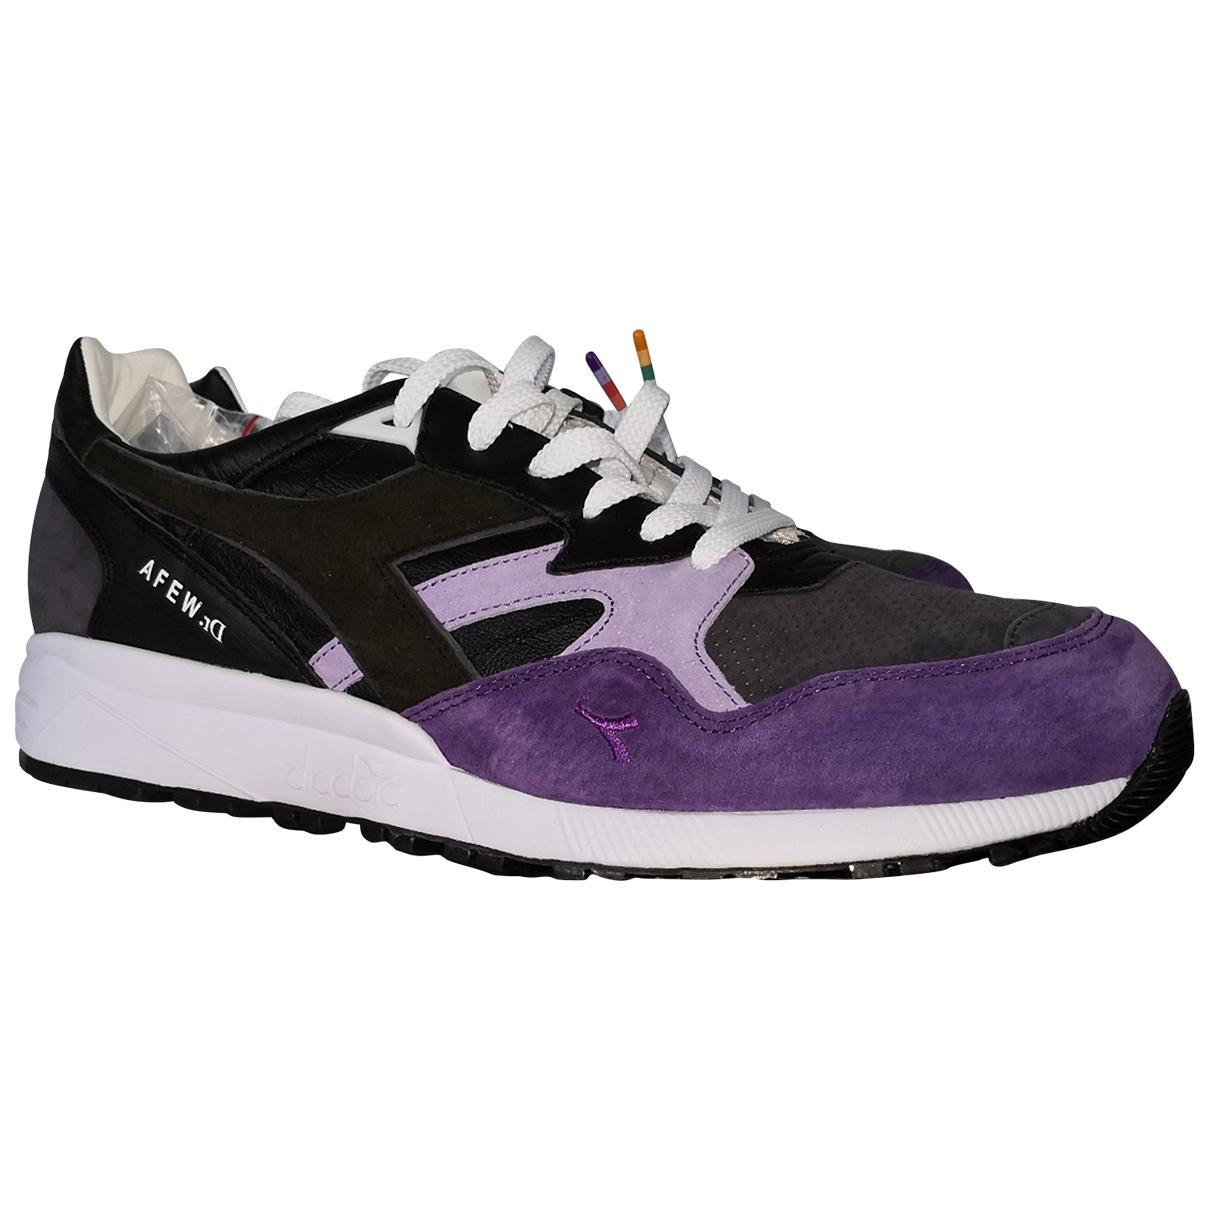 Diadora - Baskets   pour homme en cuir - violet